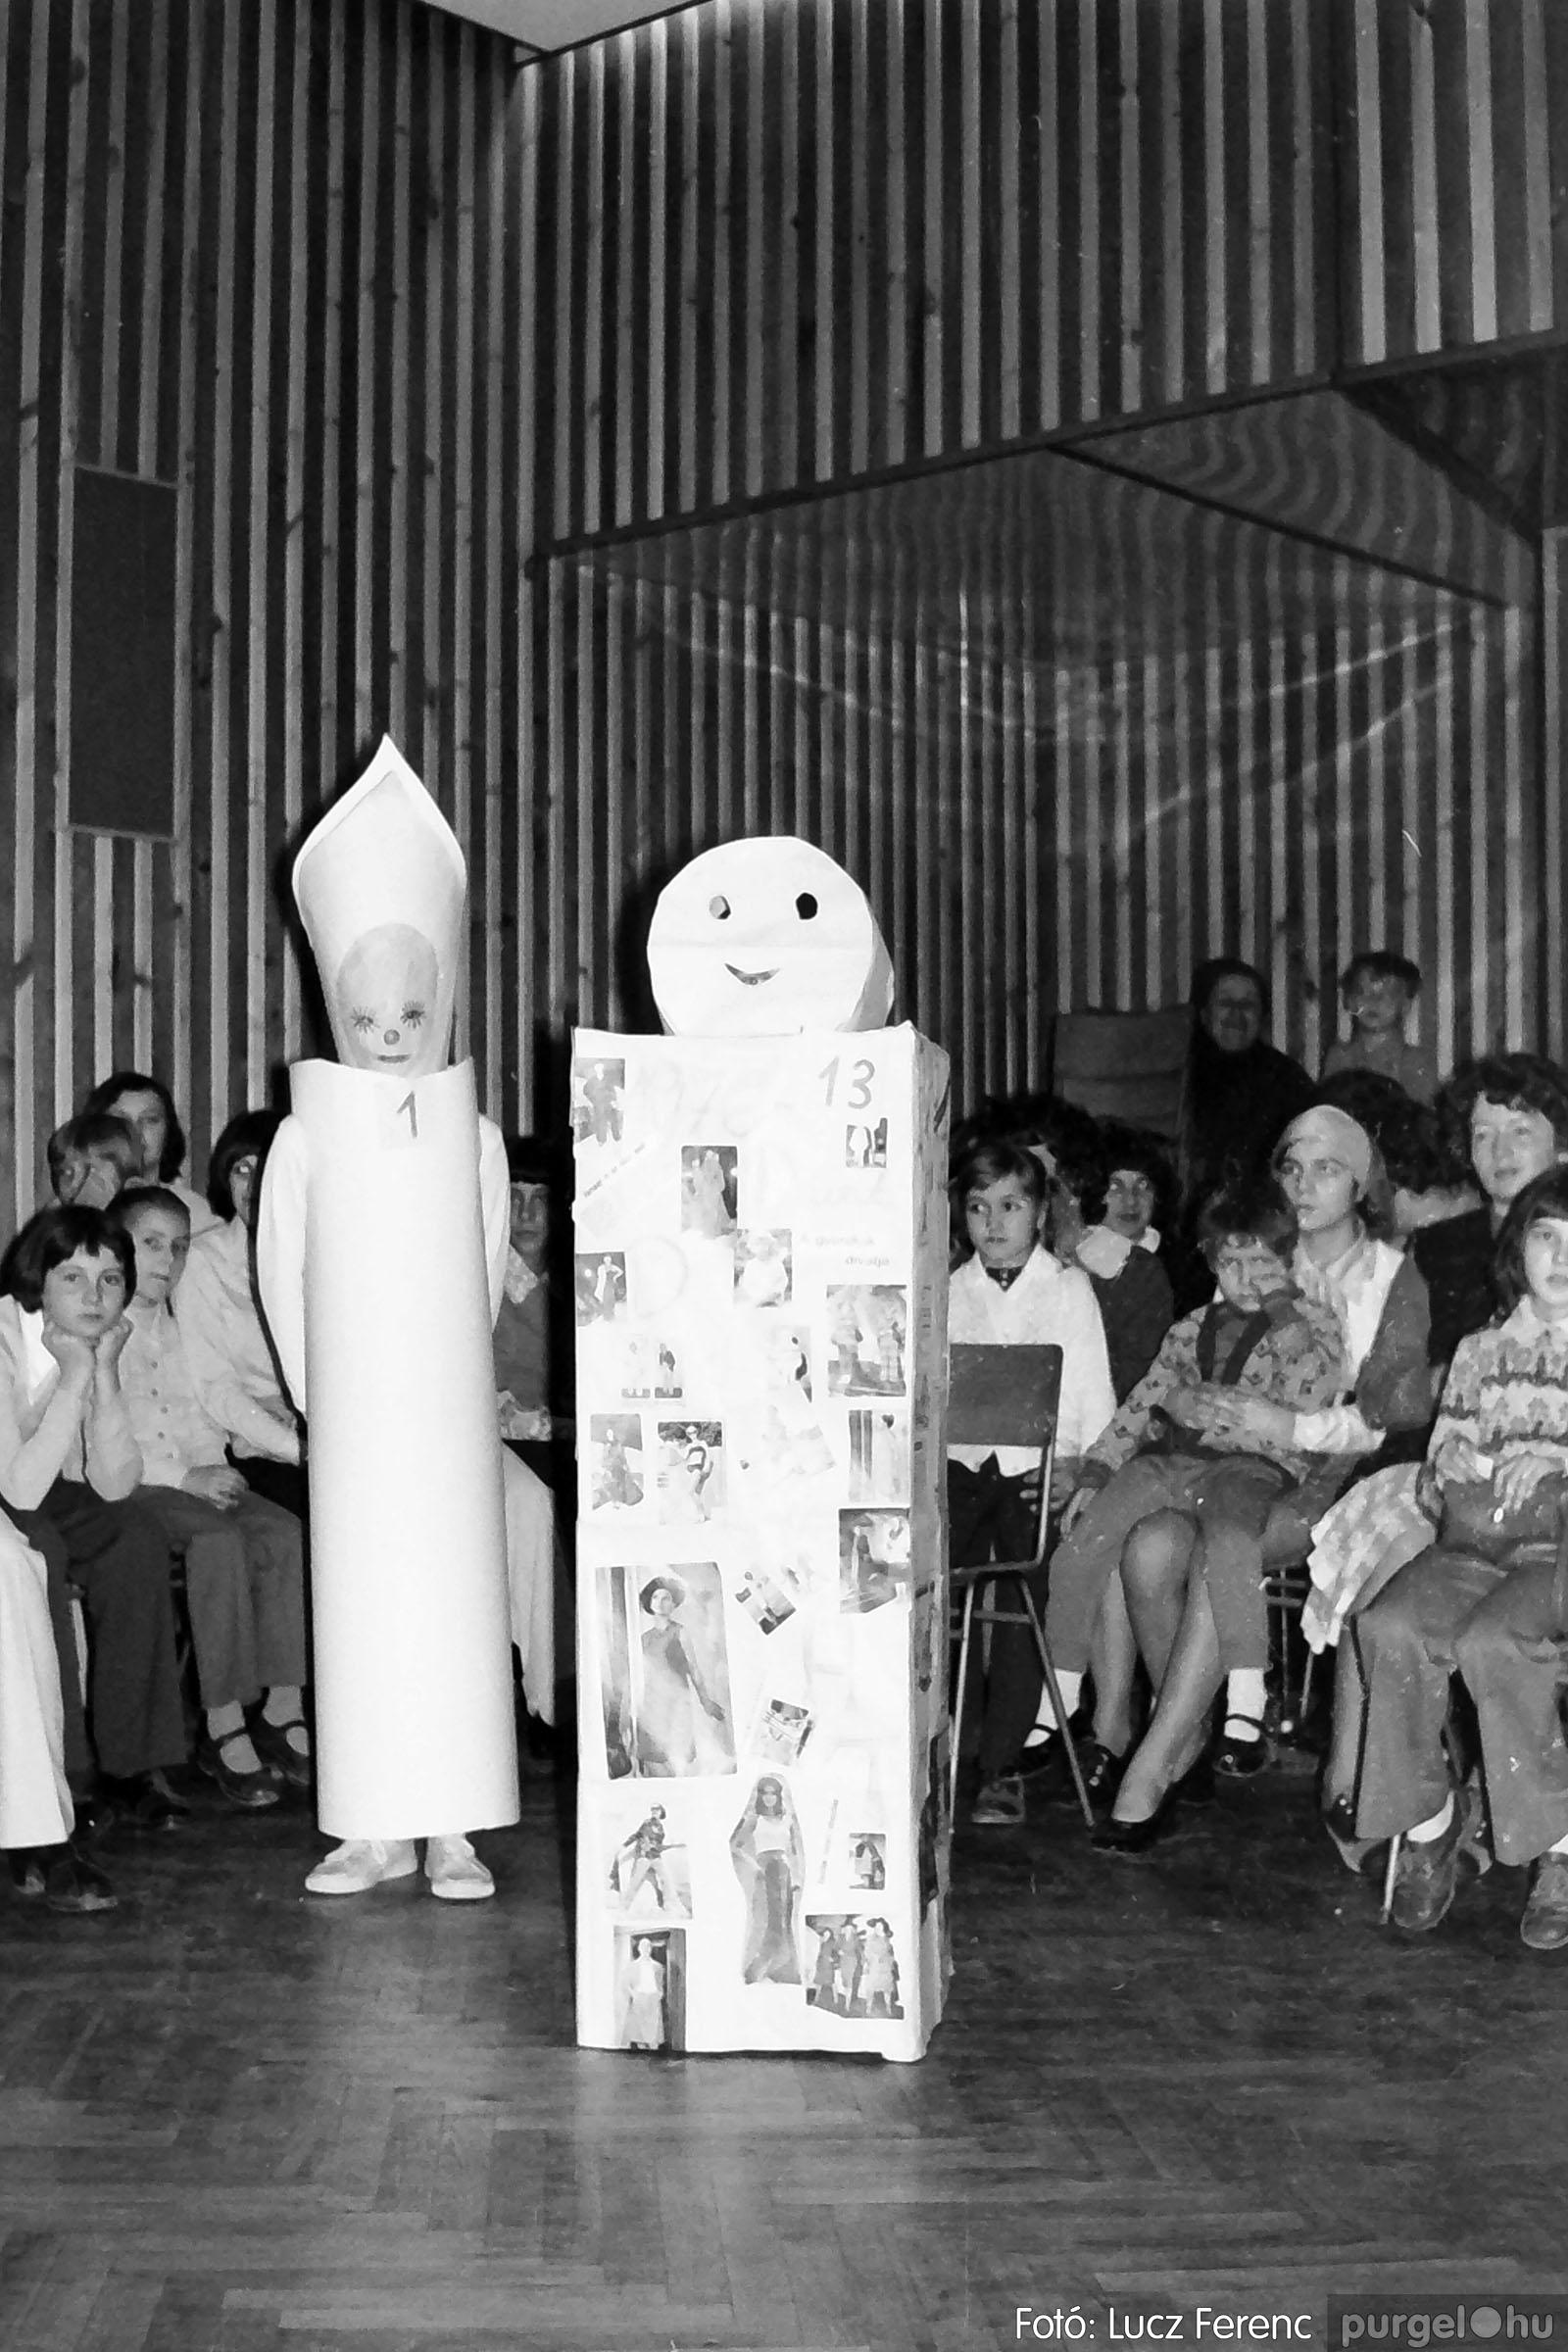 035. 1976. Iskolai farsang a kultúrházban 005 - Fotó: Lucz Ferenc.jpg